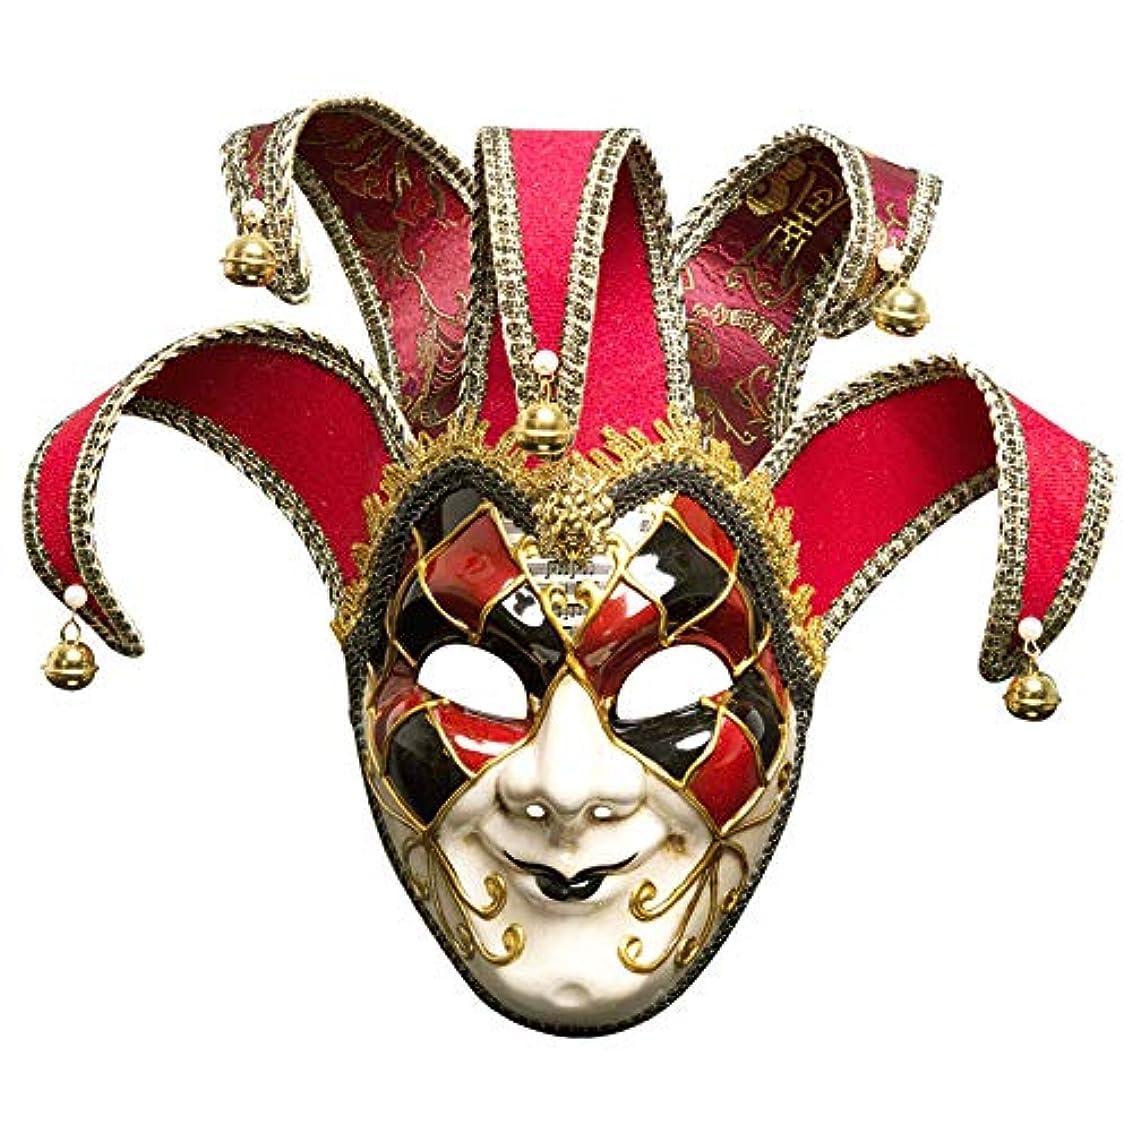 可能行列とげクリスマスのマスクヴィンテージベネチア仮面舞踏会のマスクマルディグラコスチュームアイ?マルディグラコスチュームパーティー17X44cmマスク,赤